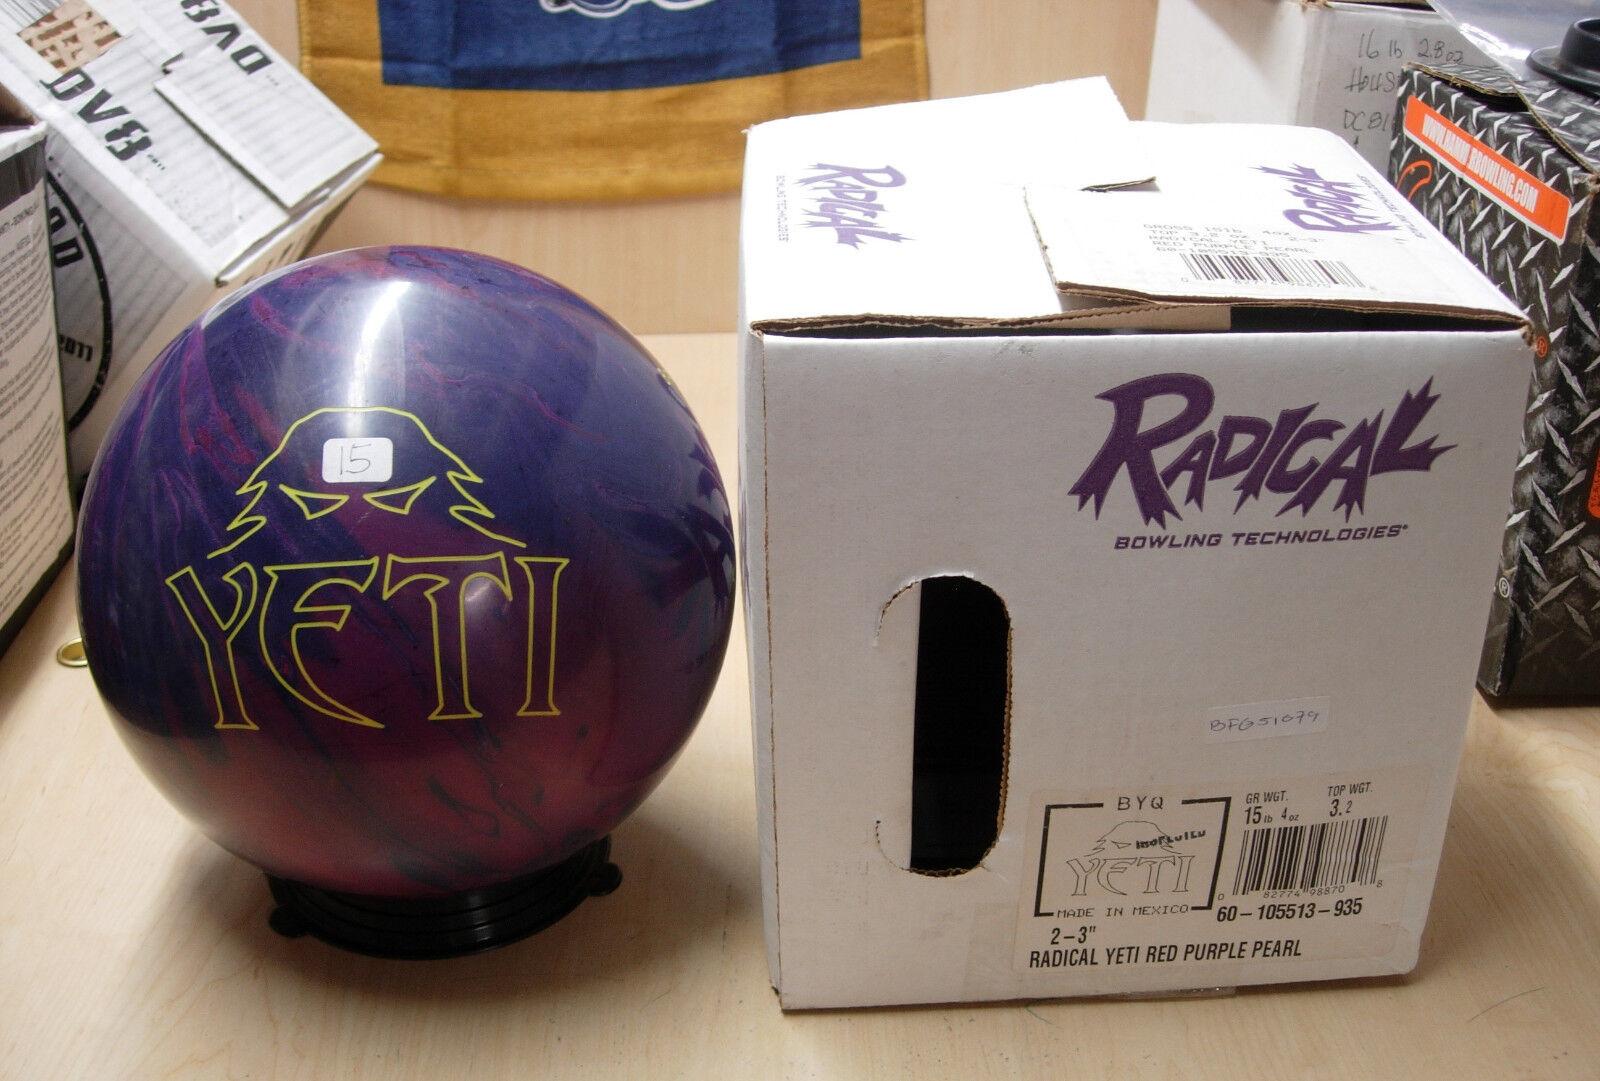 = 15NIB Radical YETI Red Purple Pearl Bowling Ball